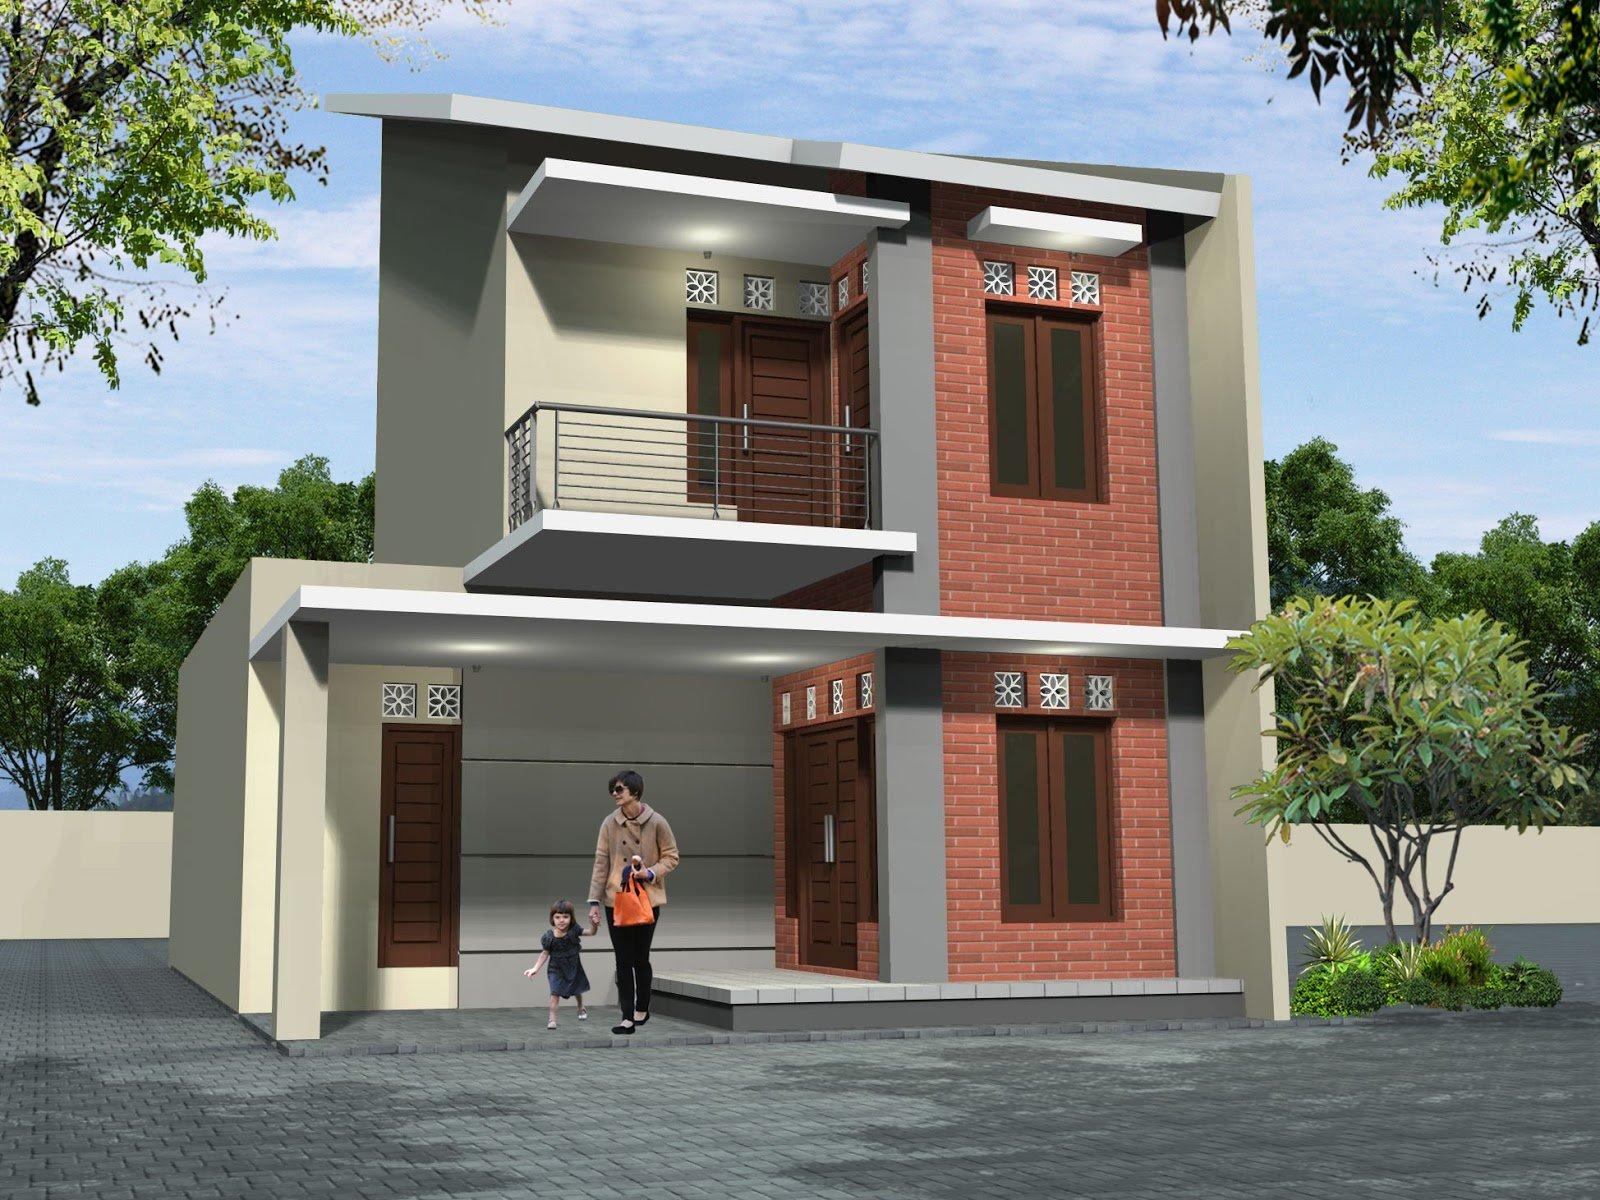 Desain Rumah Minimalis Tampak Depan Ruko Deagam Design